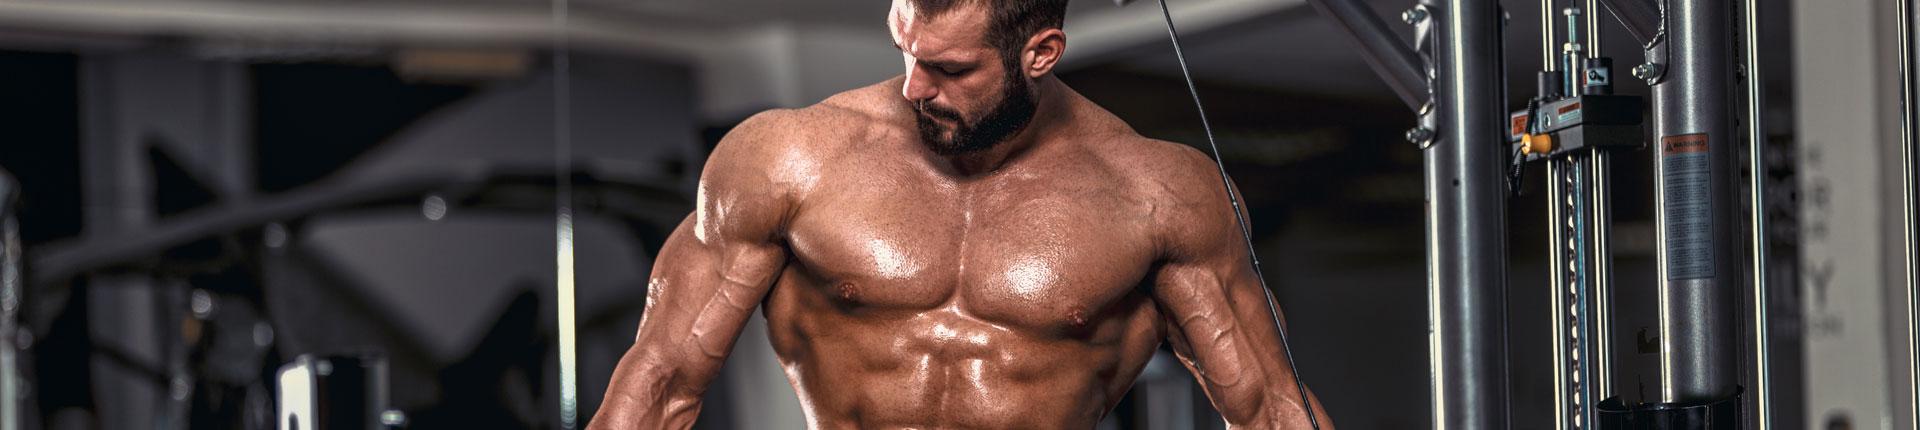 Sucha masa mięśniowa - 7 wskazówek jak budować masę mięśniową